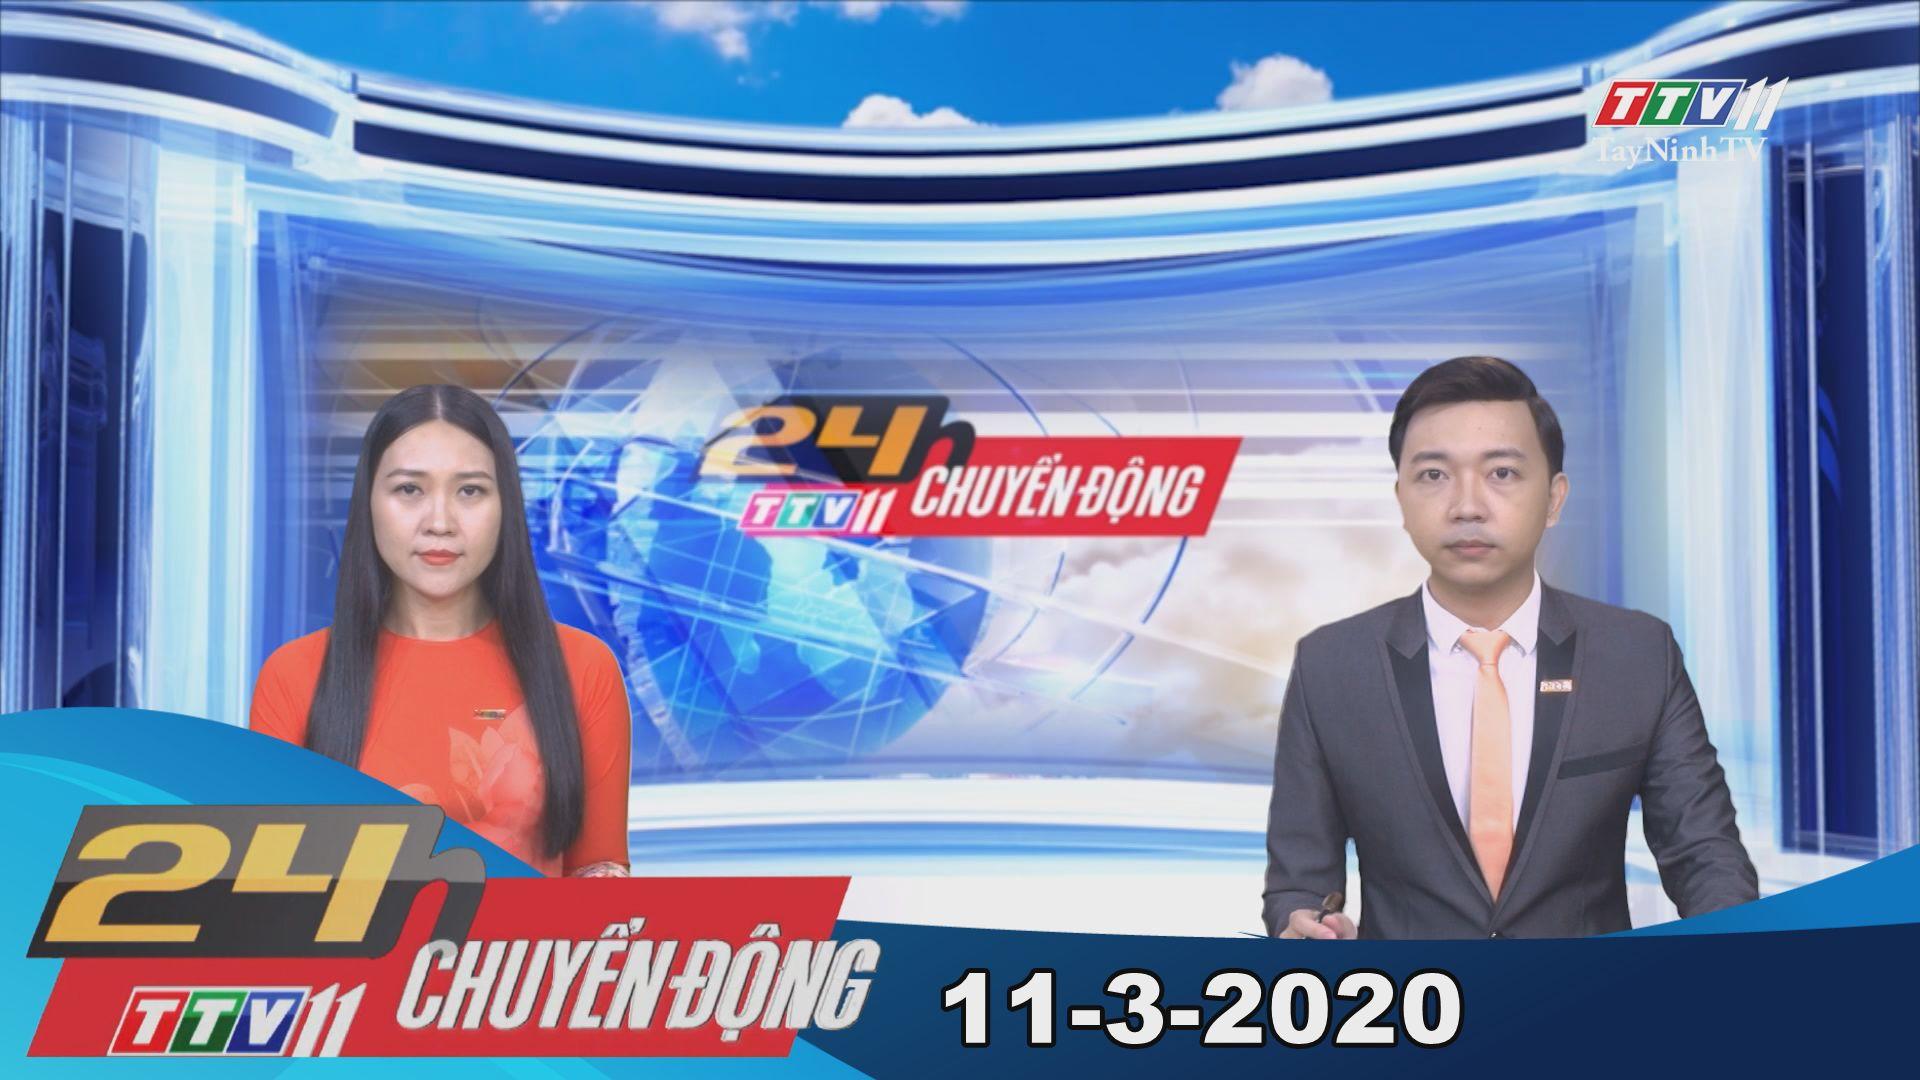 24h Chuyển động 11-3-2020 | Tin tức hôm nay | TayNinhTV